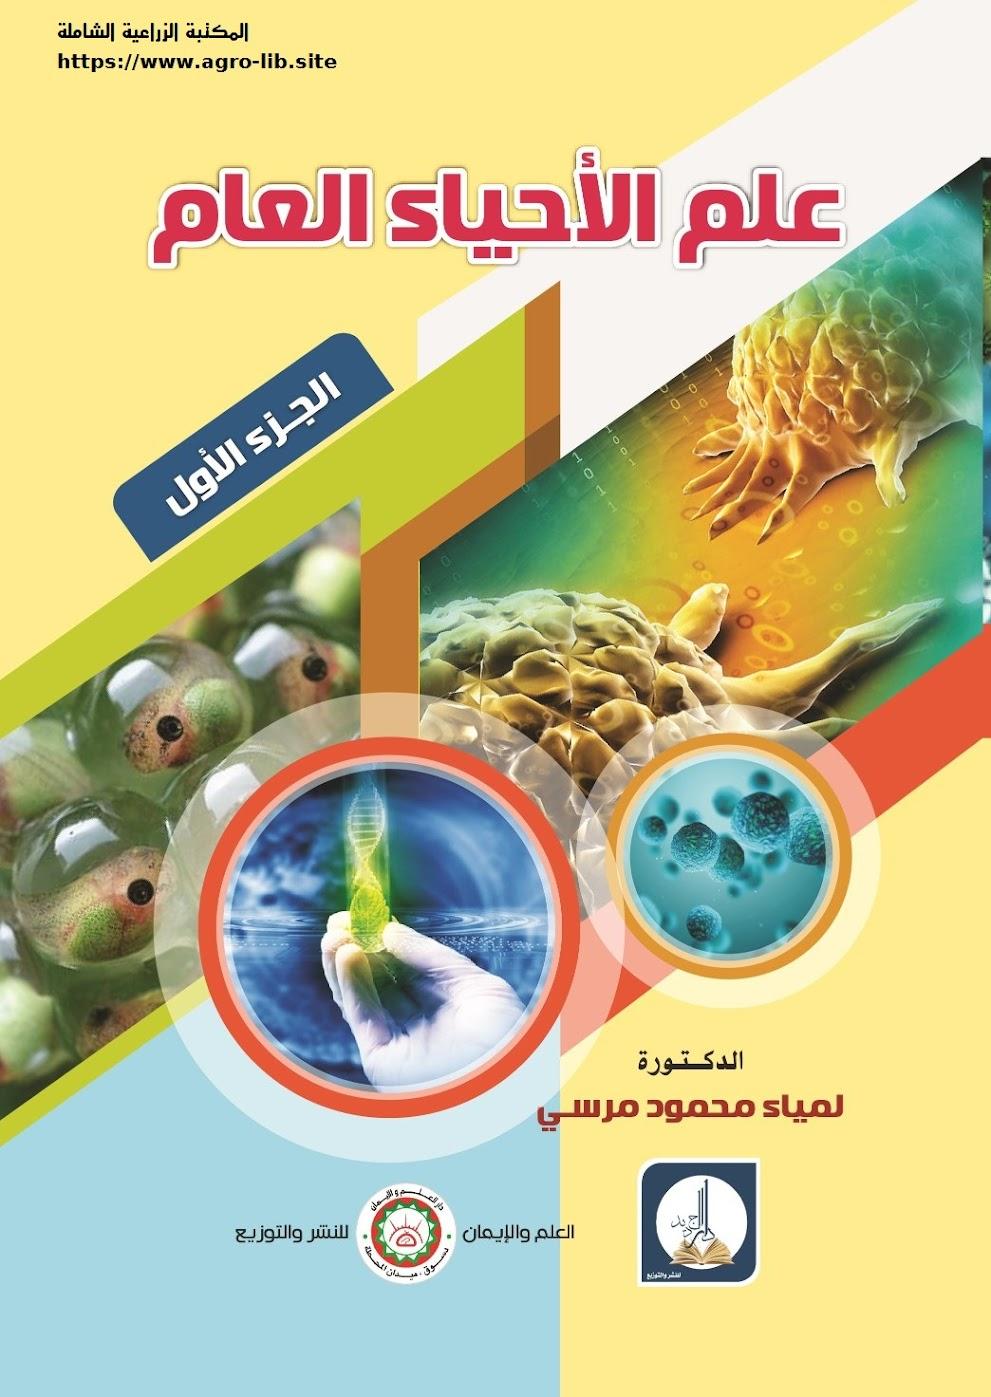 كتاب : علم الأحياء العام . الجزء الأول